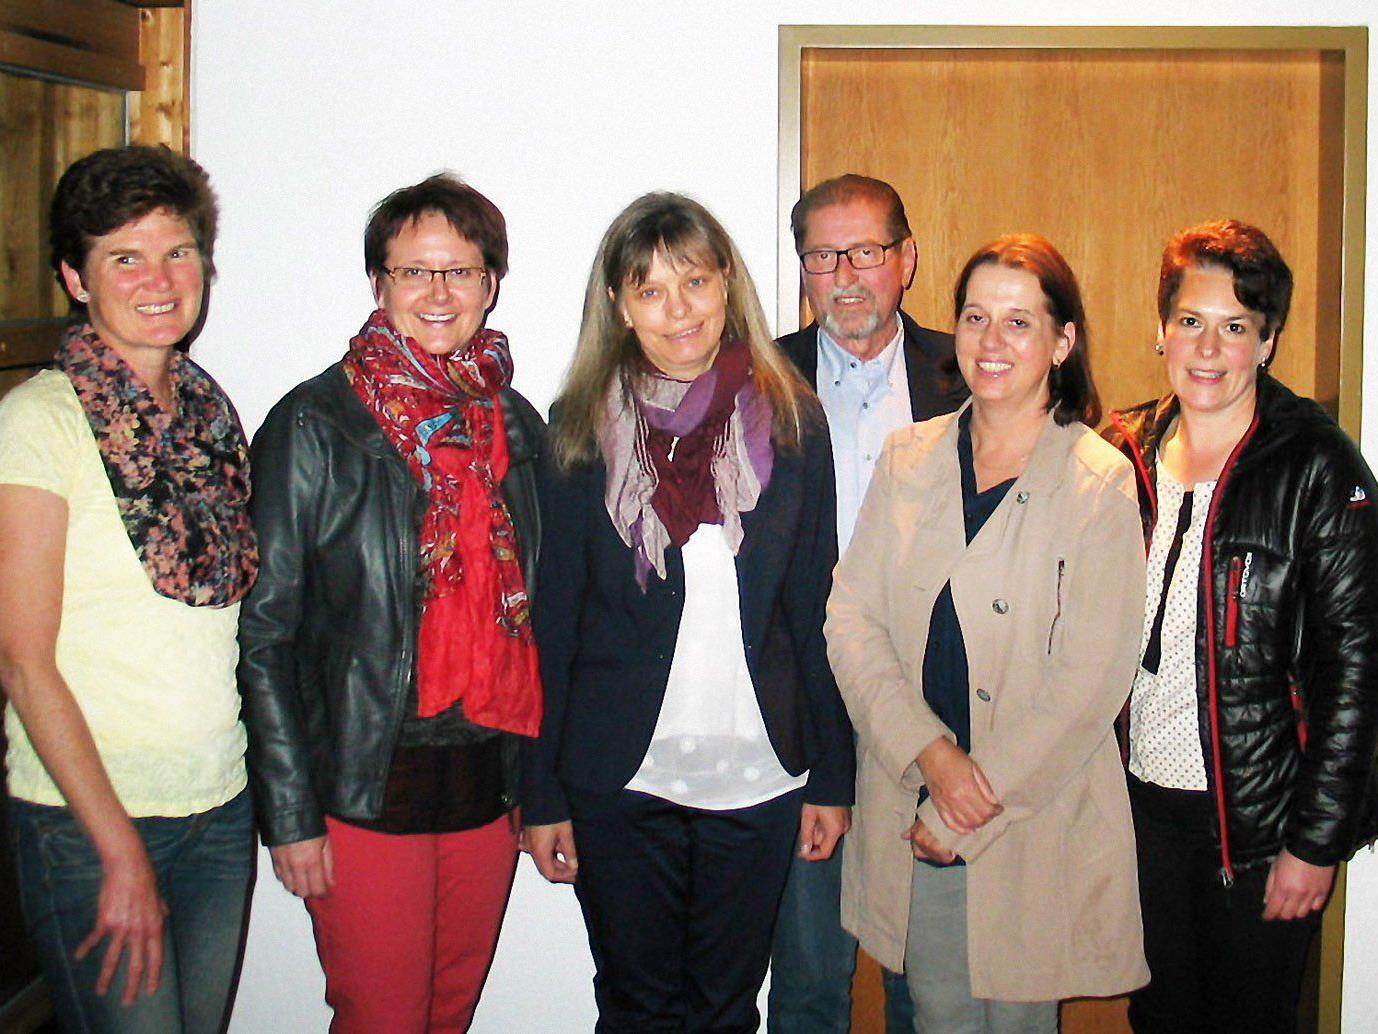 Fünf Mitglieder des Pflegeteams des Krankenpflegevereins Rheindelta mit Obmann Werner Schneider